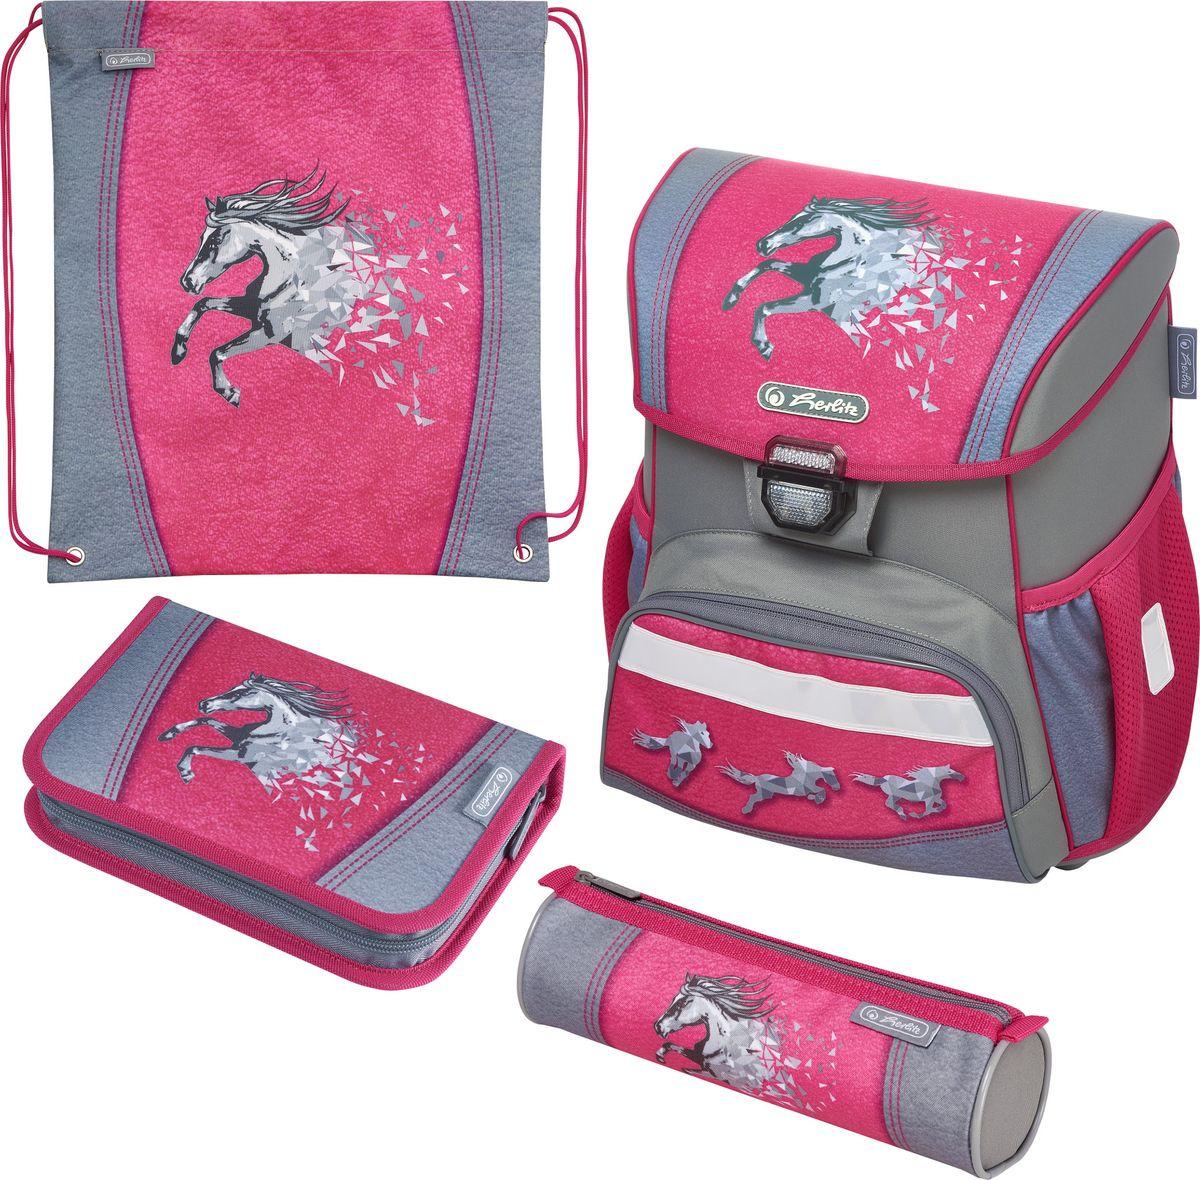 Ранец школьный Herlitz Loop Plus Power Horse, с наполнением, 50020508, розовый, 37 х 31 х 22 см цена и фото